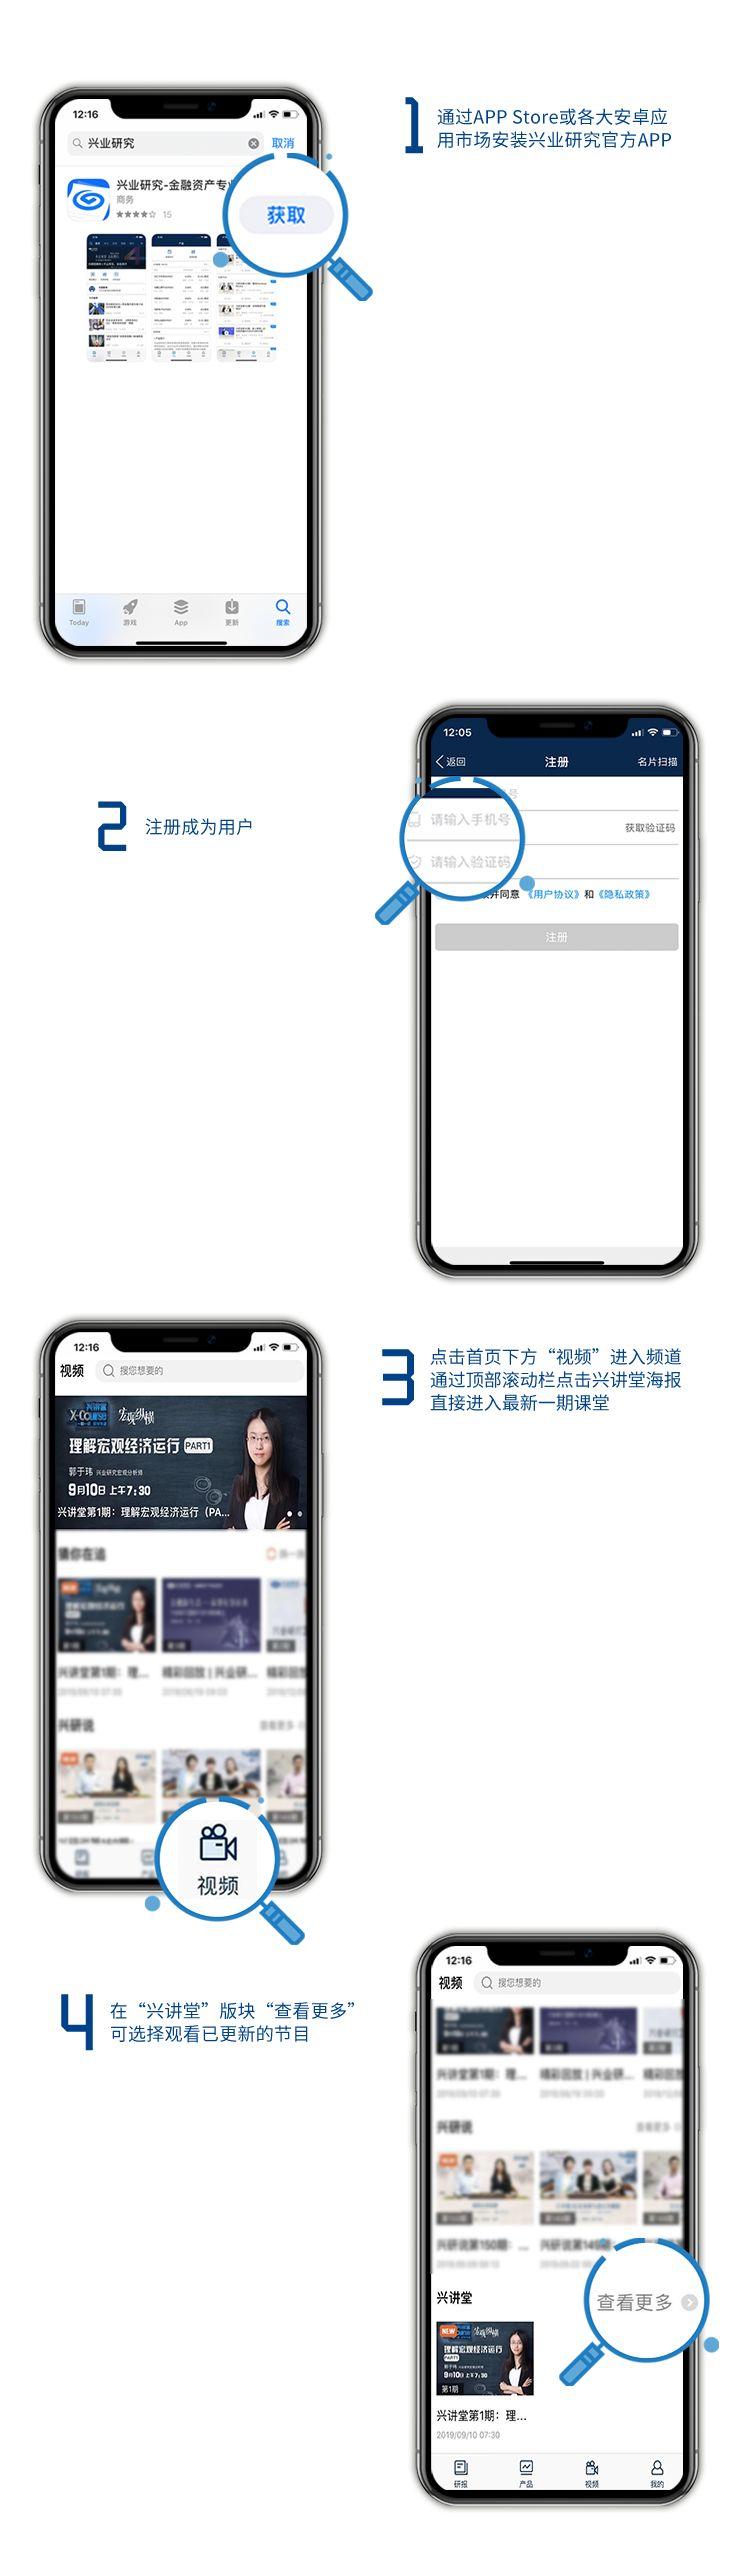 兴讲堂:白色家电行业专题研究